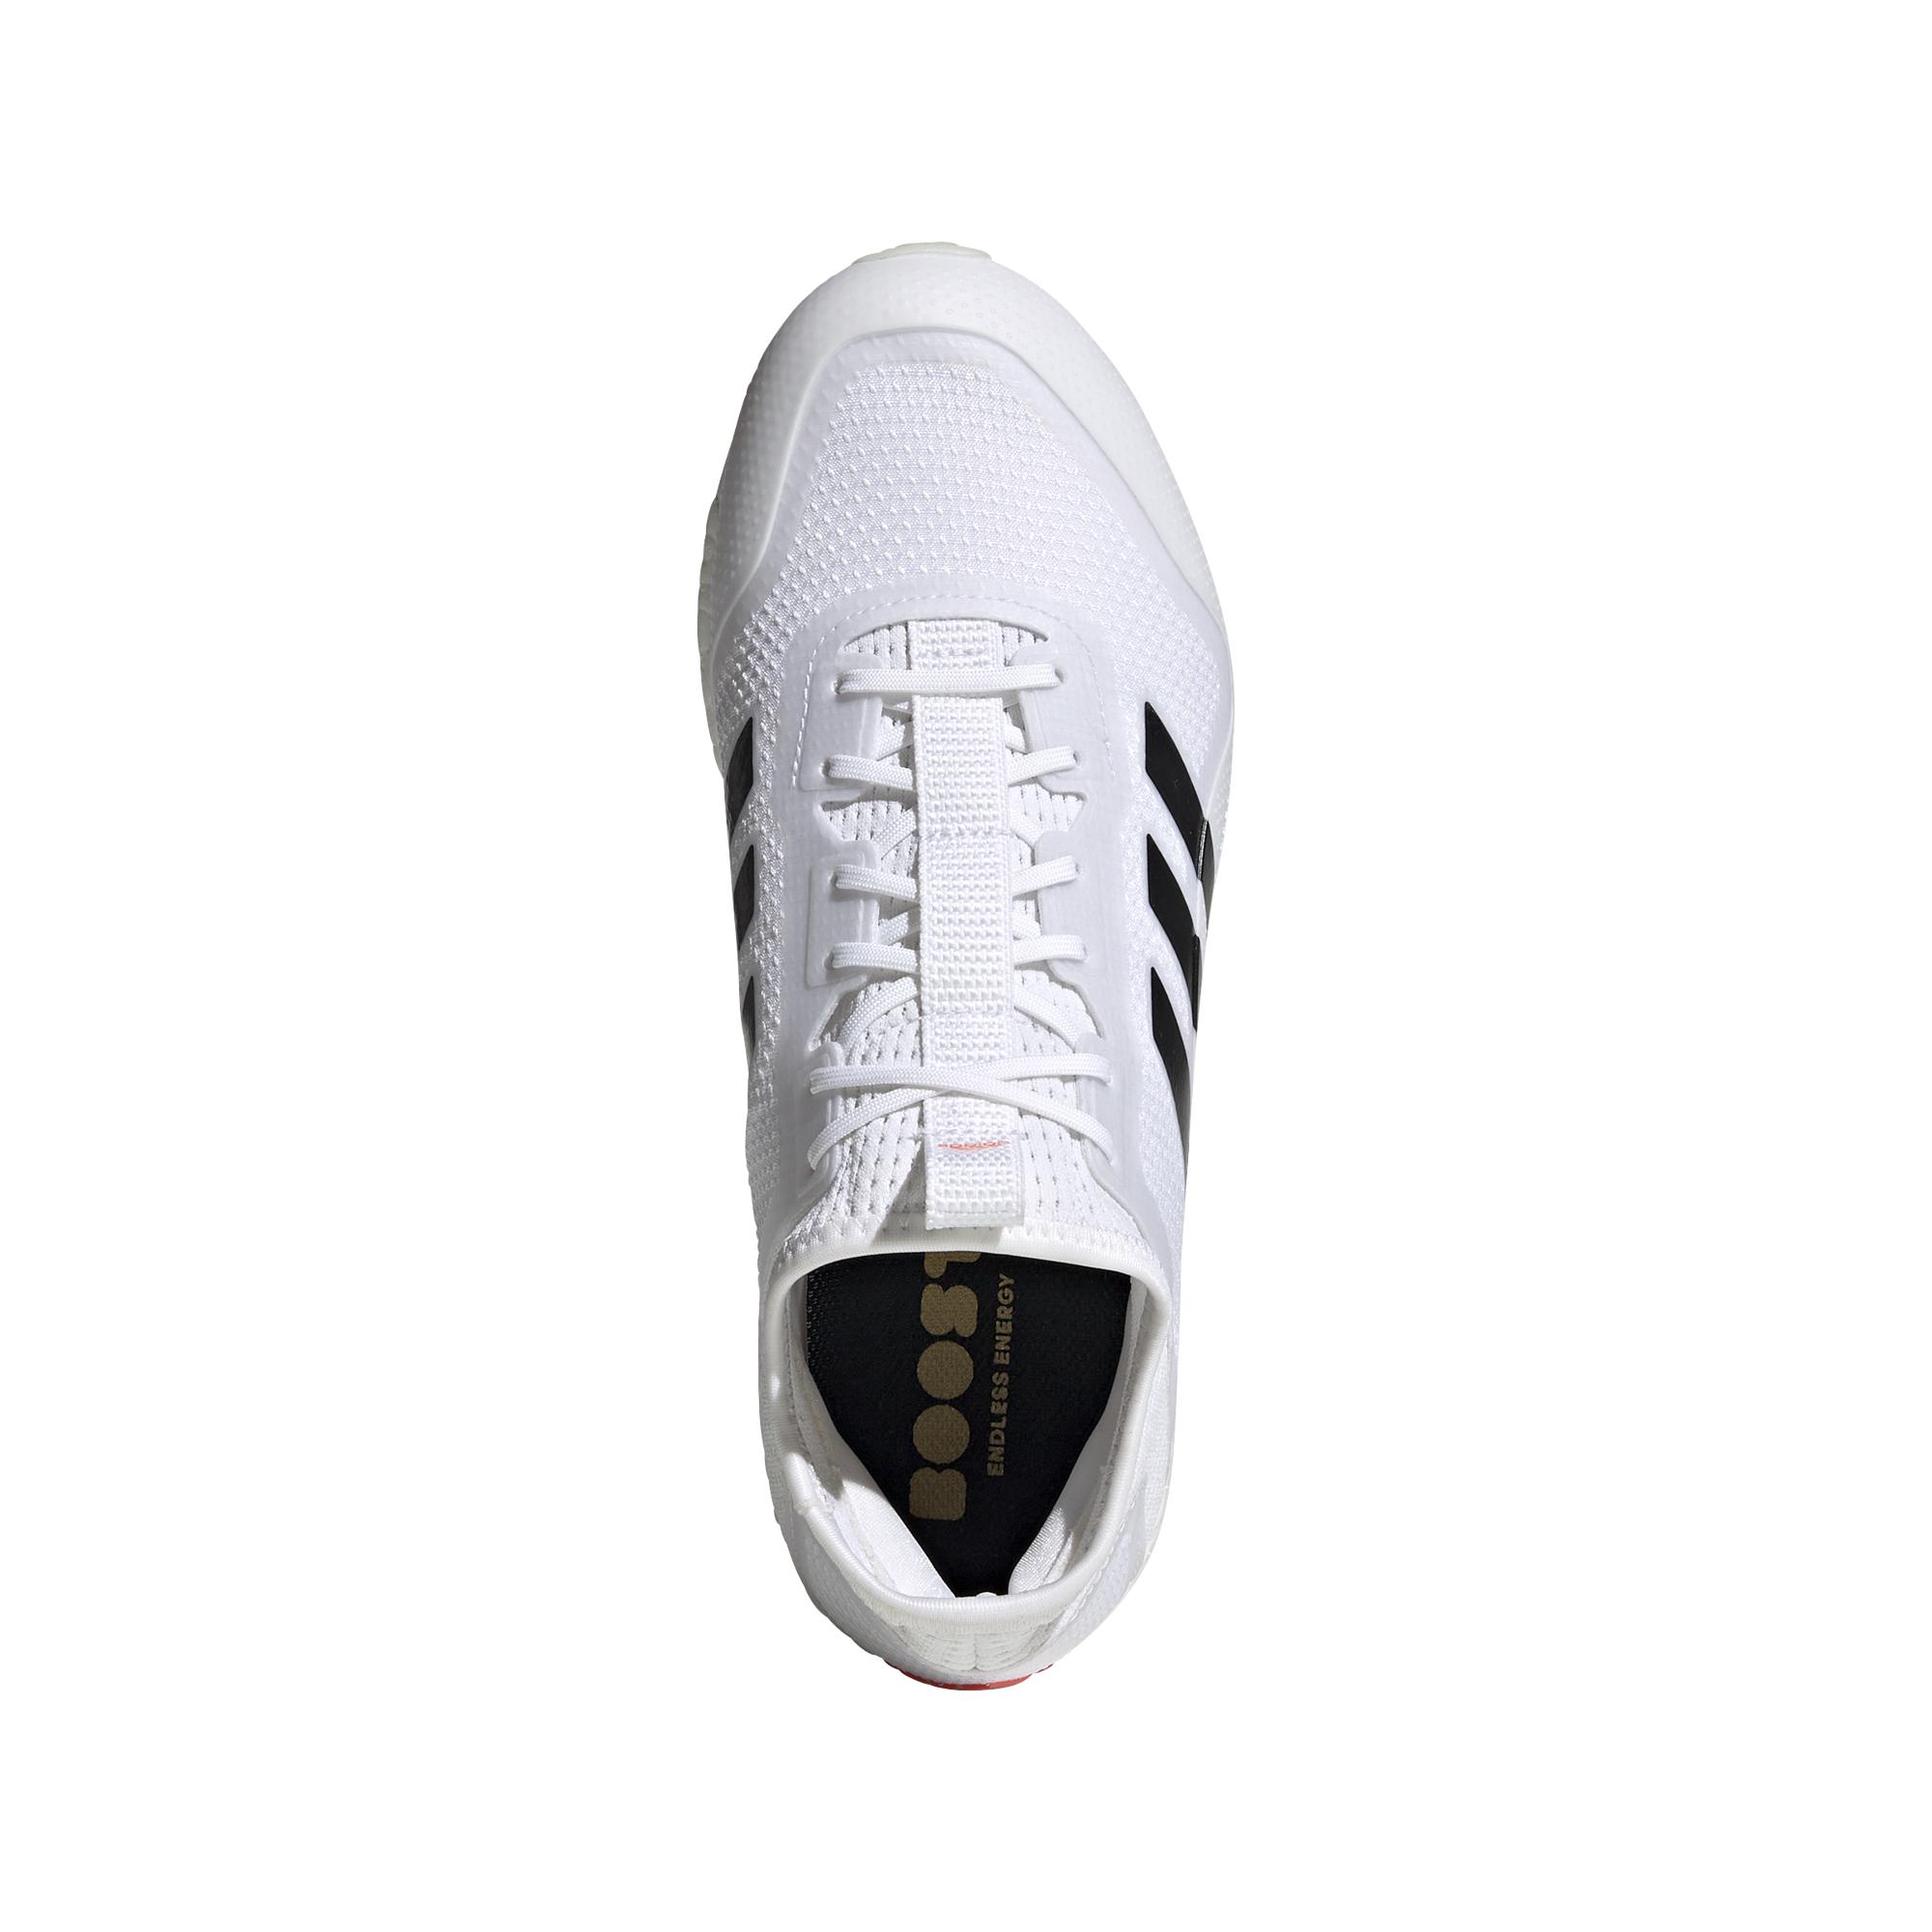 Adidas Fabela X White Hockey Shoes